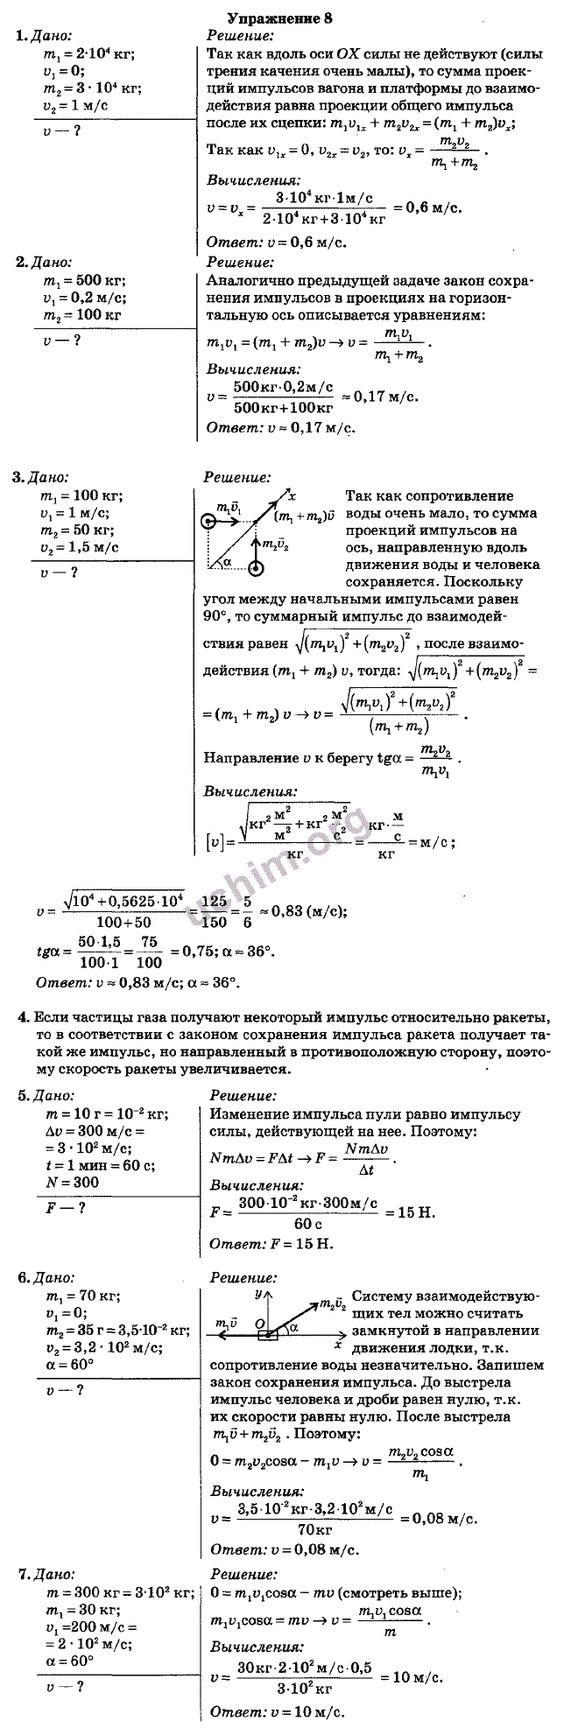 Гдз по физике для 10 класса по учебнику тихомировой яворского